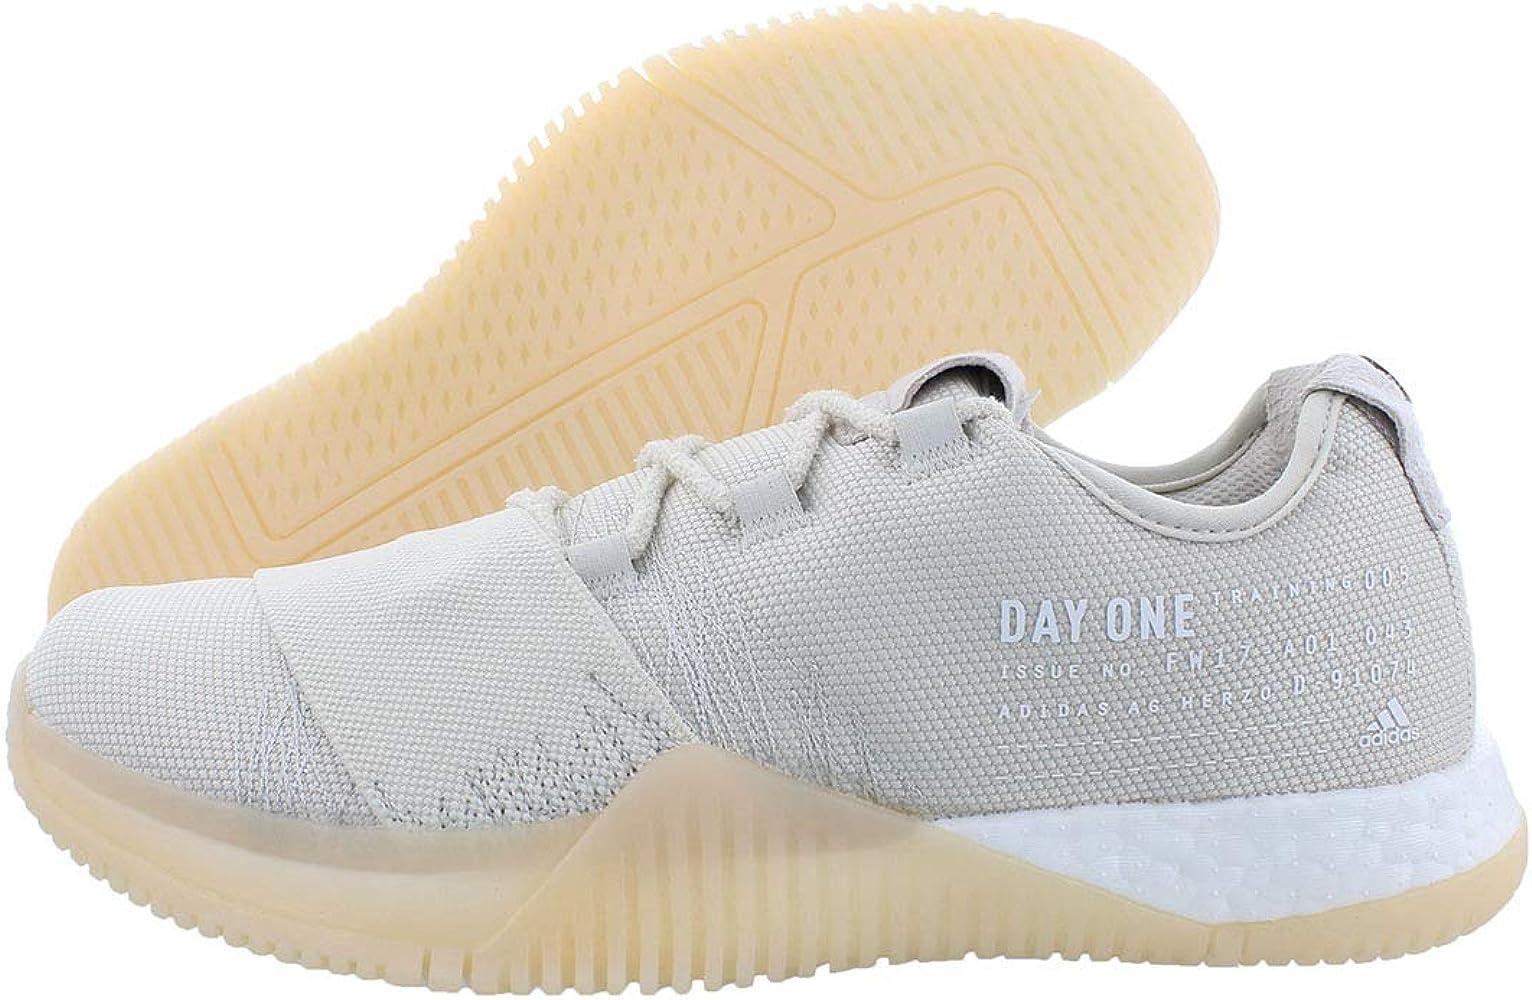 adidas Mens ADO Crazytrain Casual Shoes,